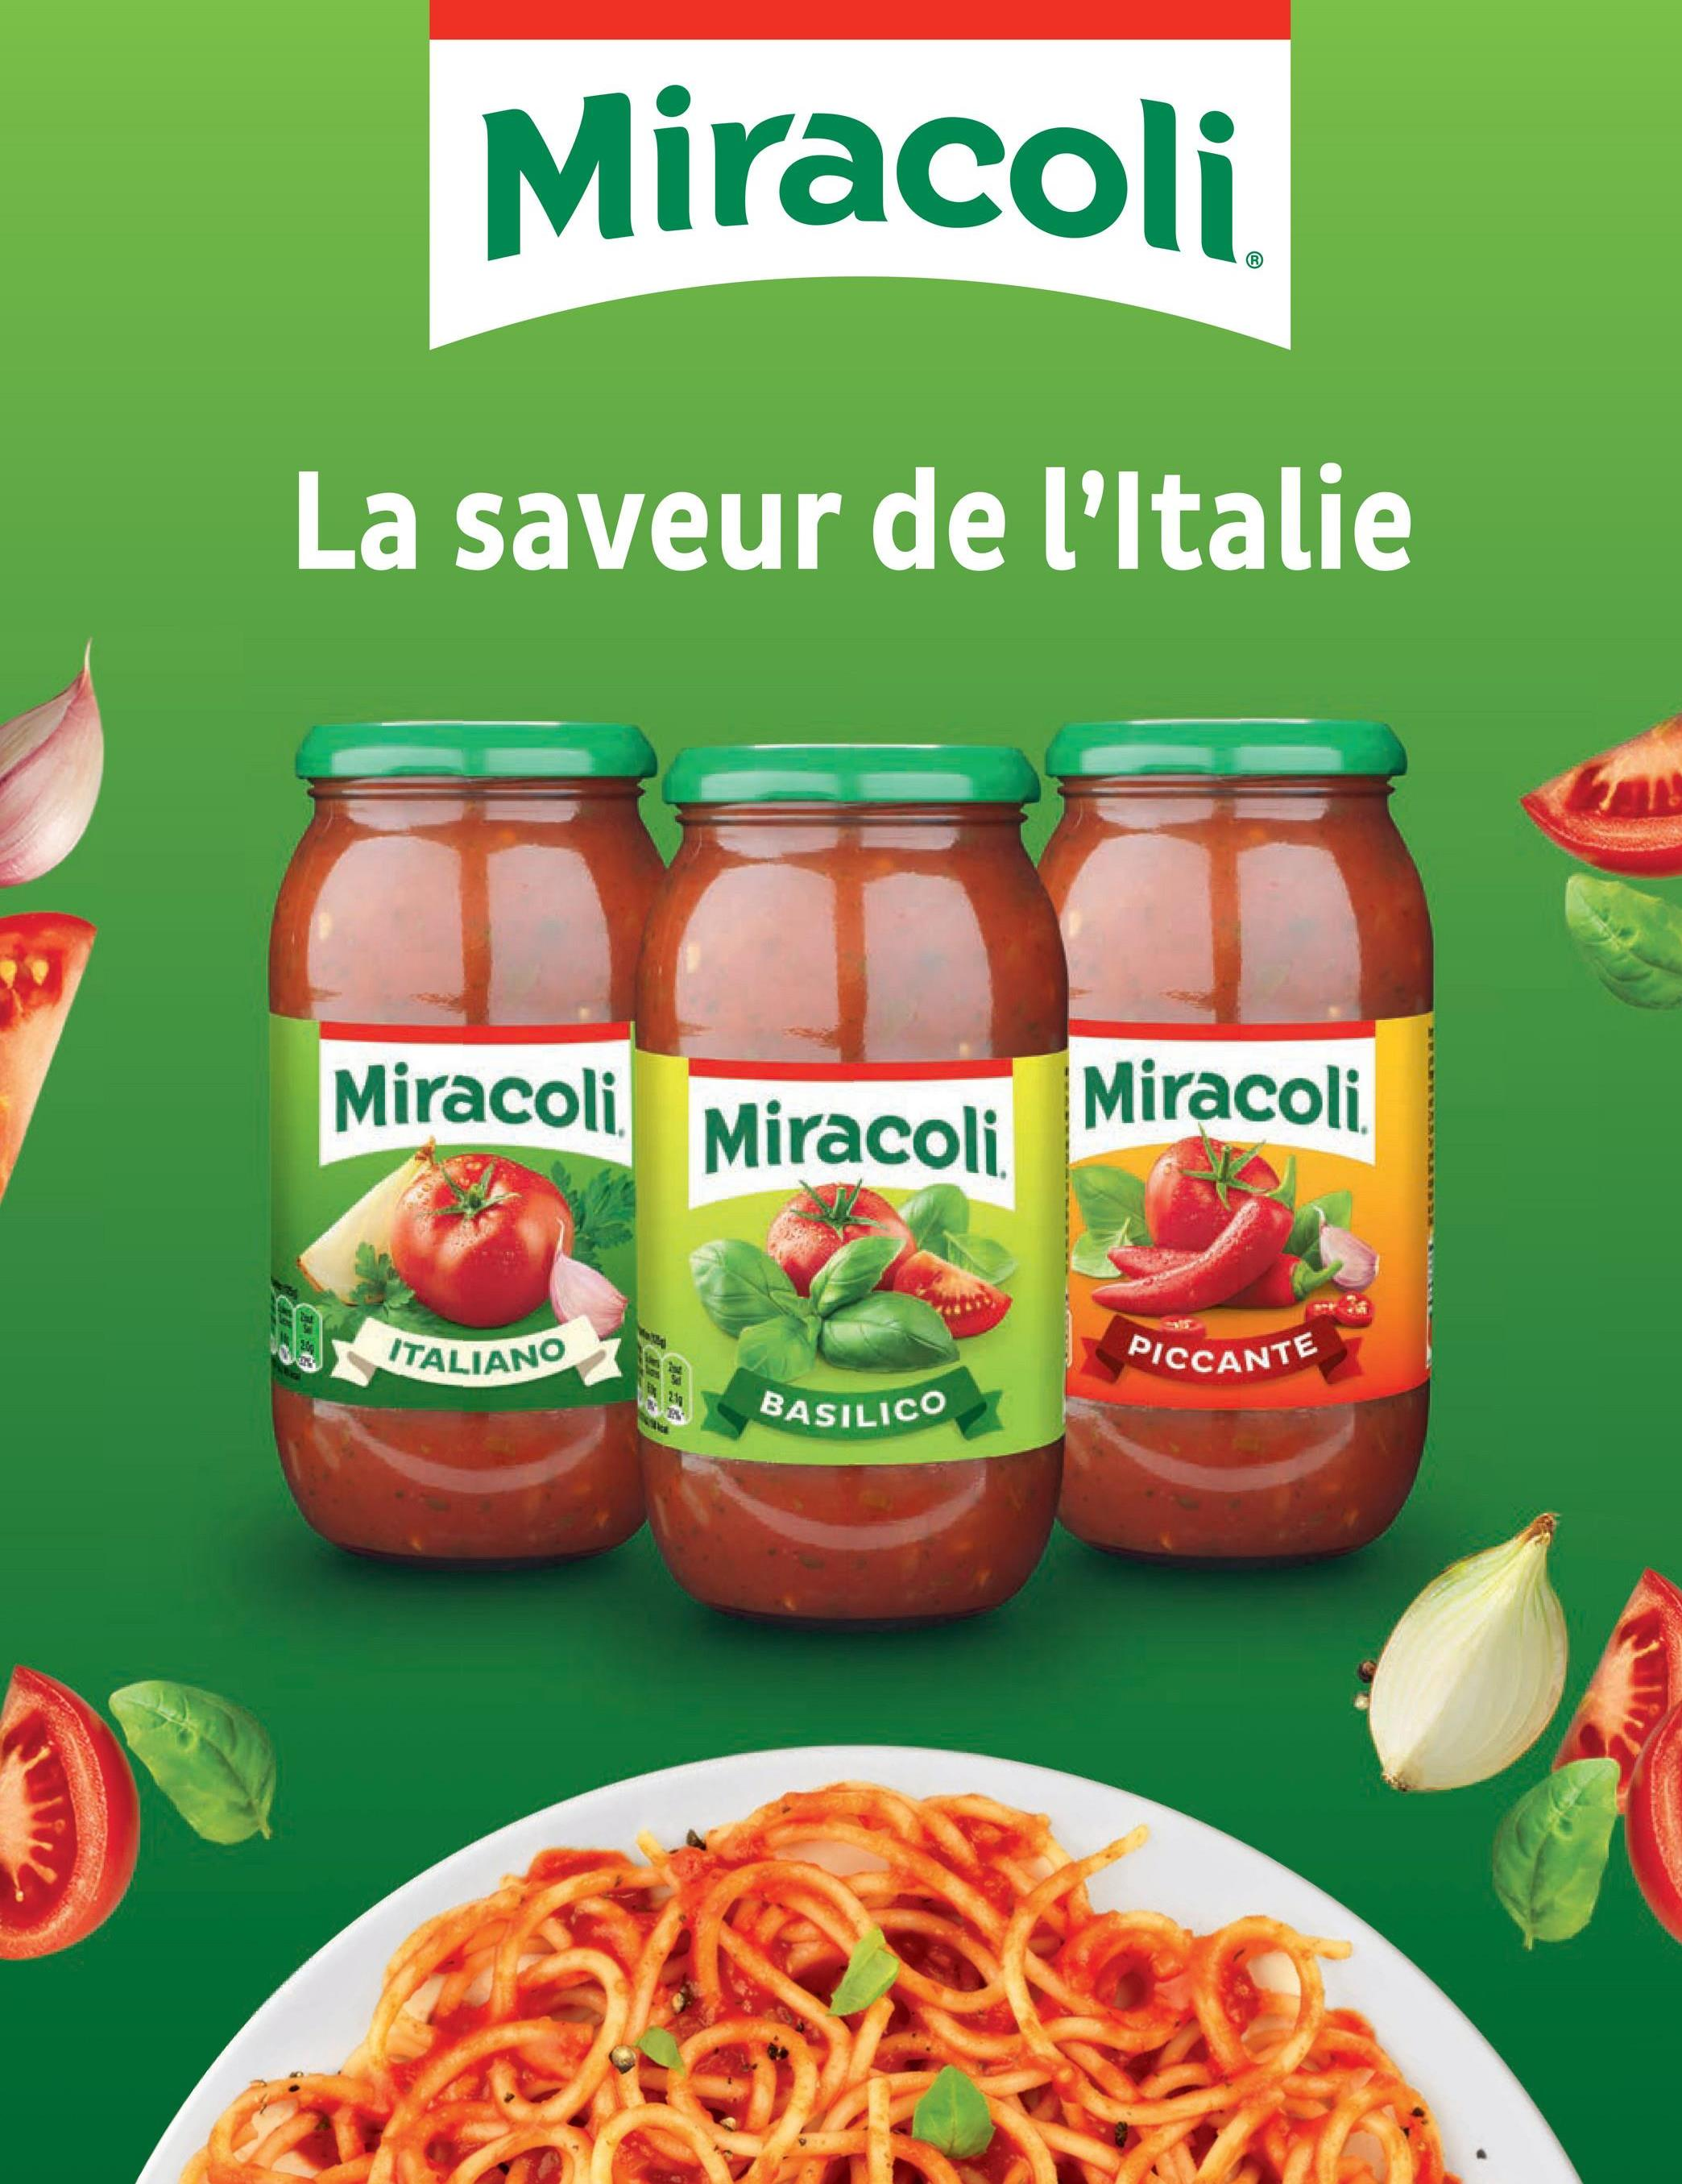 Miracoli La saveur de l'Italie Miracoli Miracoli Miracoli ITALIANO PICCANTE BASILICO